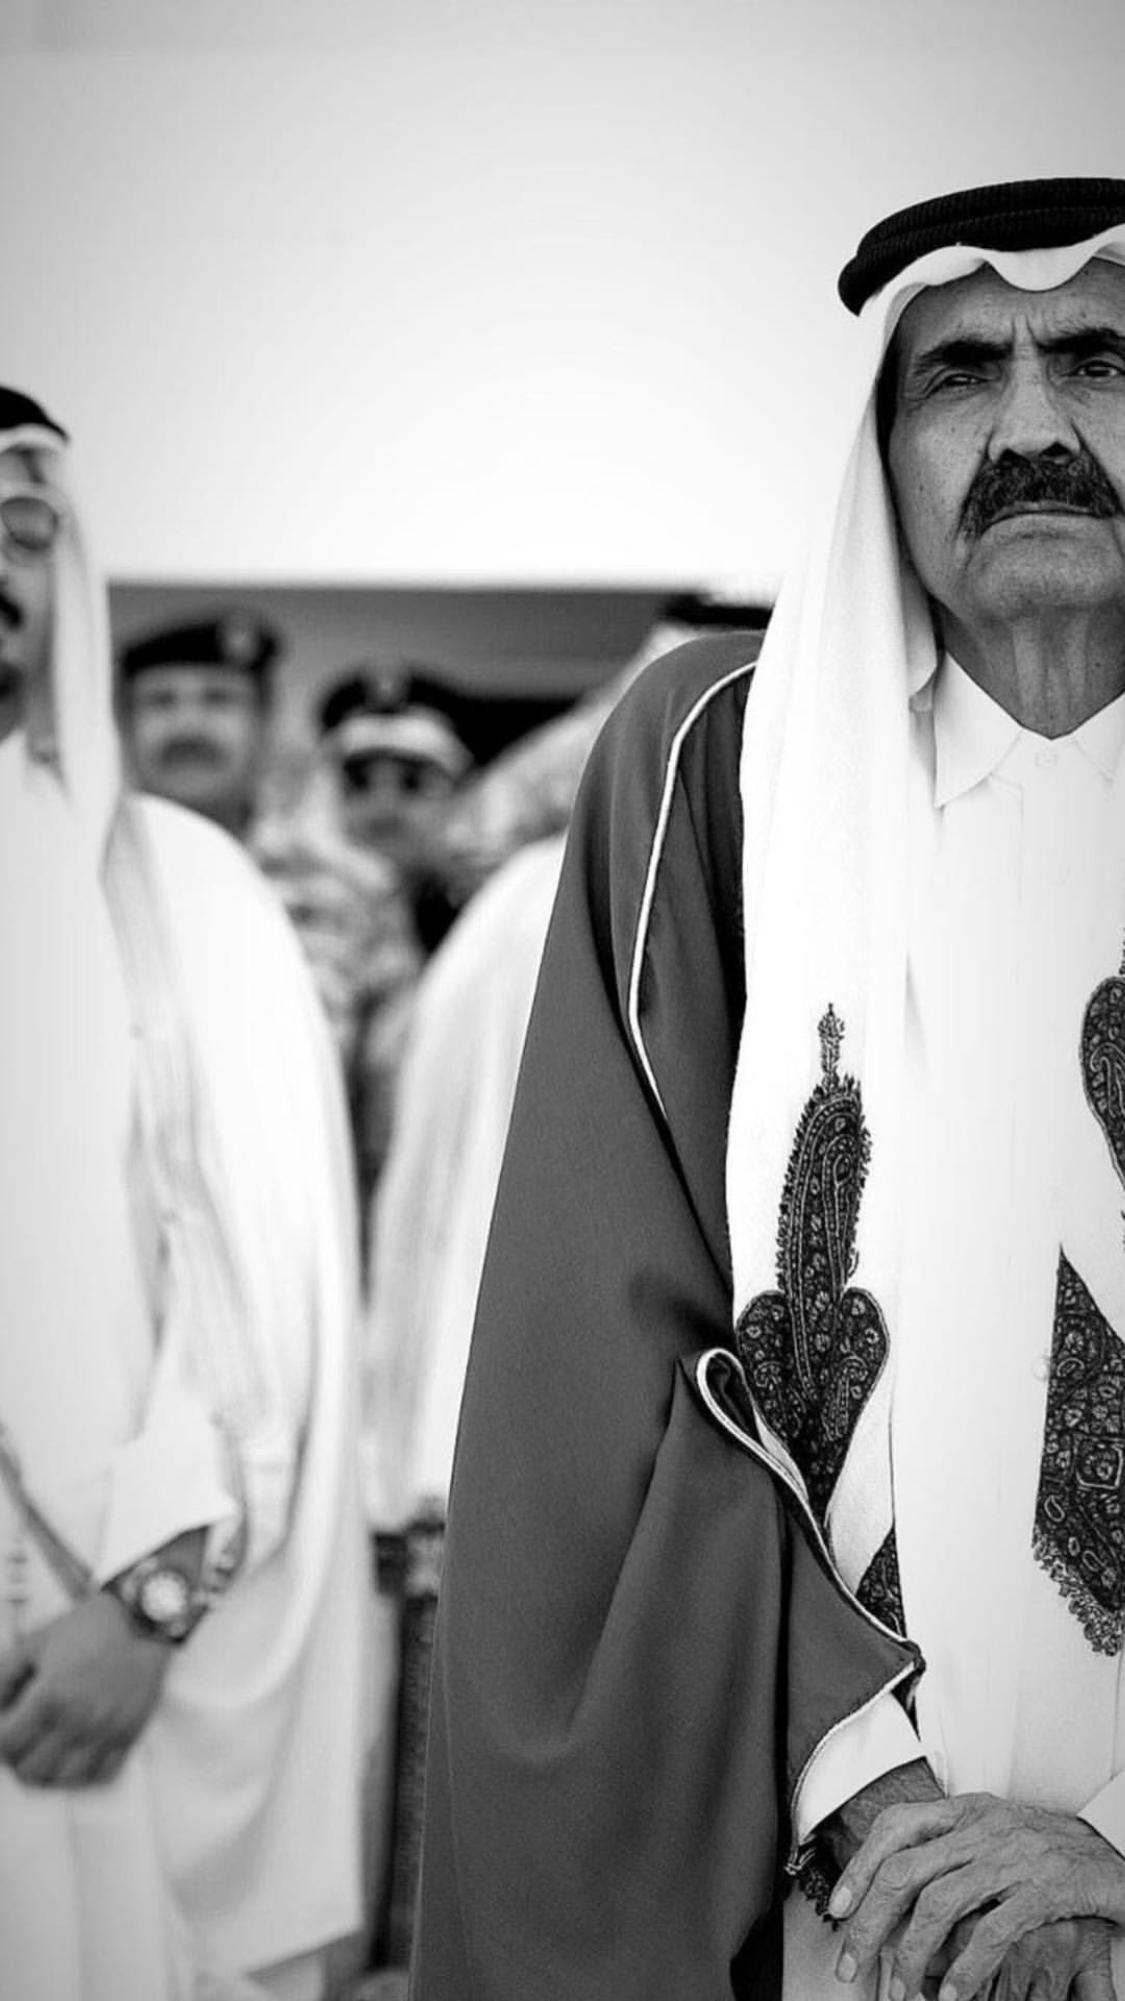 الوالد الامير الشيخ حمد بن خليفه آل ثاني حفظه الله Qatar قطر Doha Qatar Fashion